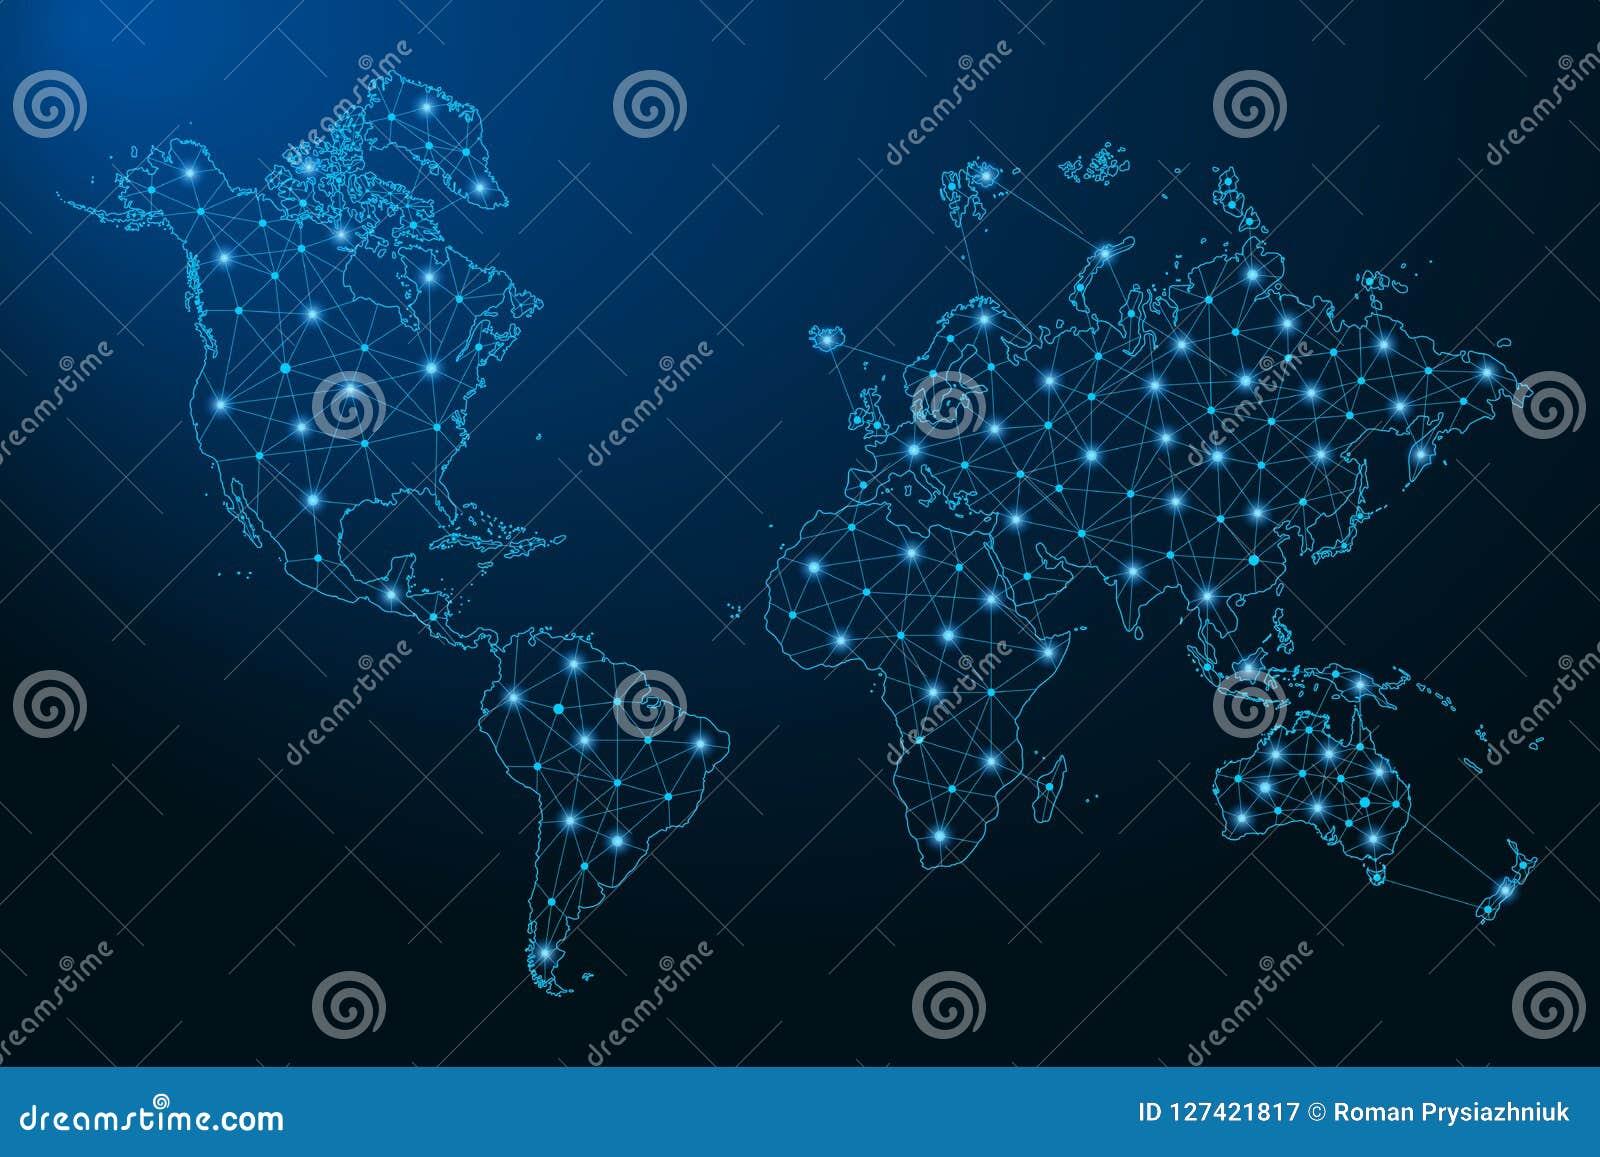 从线和明亮的点创造的抽象世界地图以满天星斗的天空的形式,多角形wireframe滤网和被连接的线